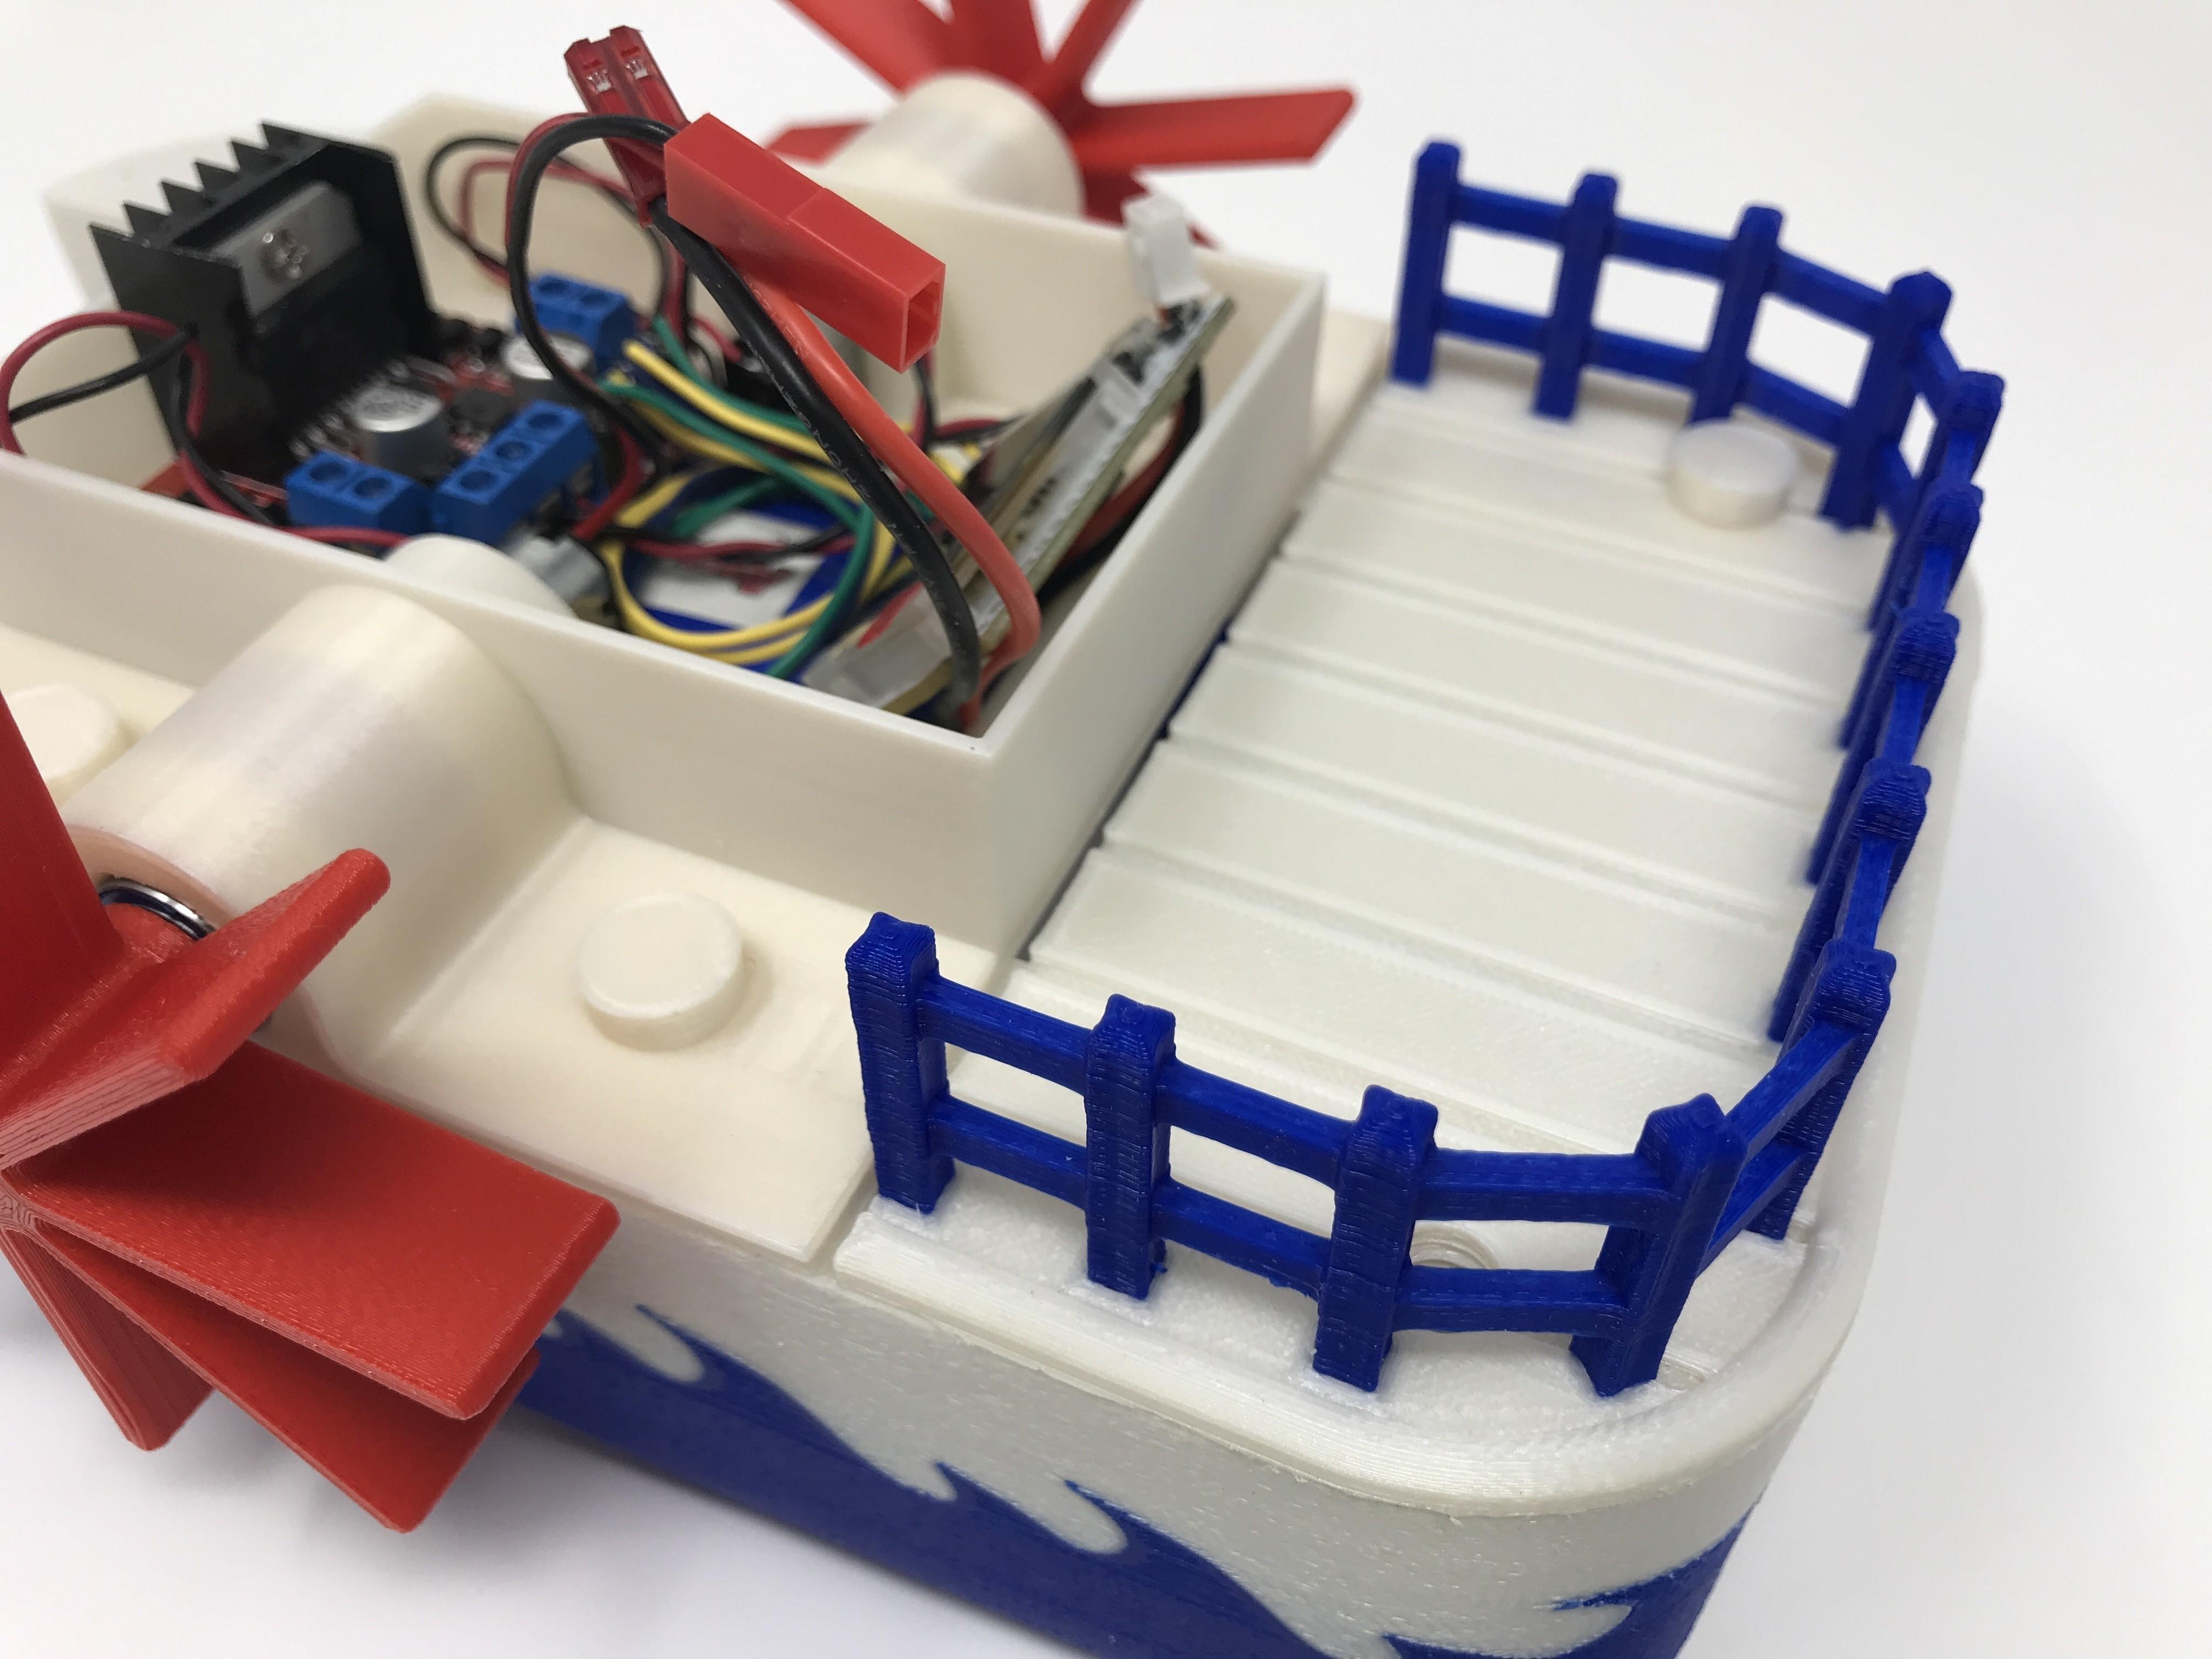 IMG_0849.jpg Download free STL file WiFi Paddle Boat • 3D printing design, gzumwalt